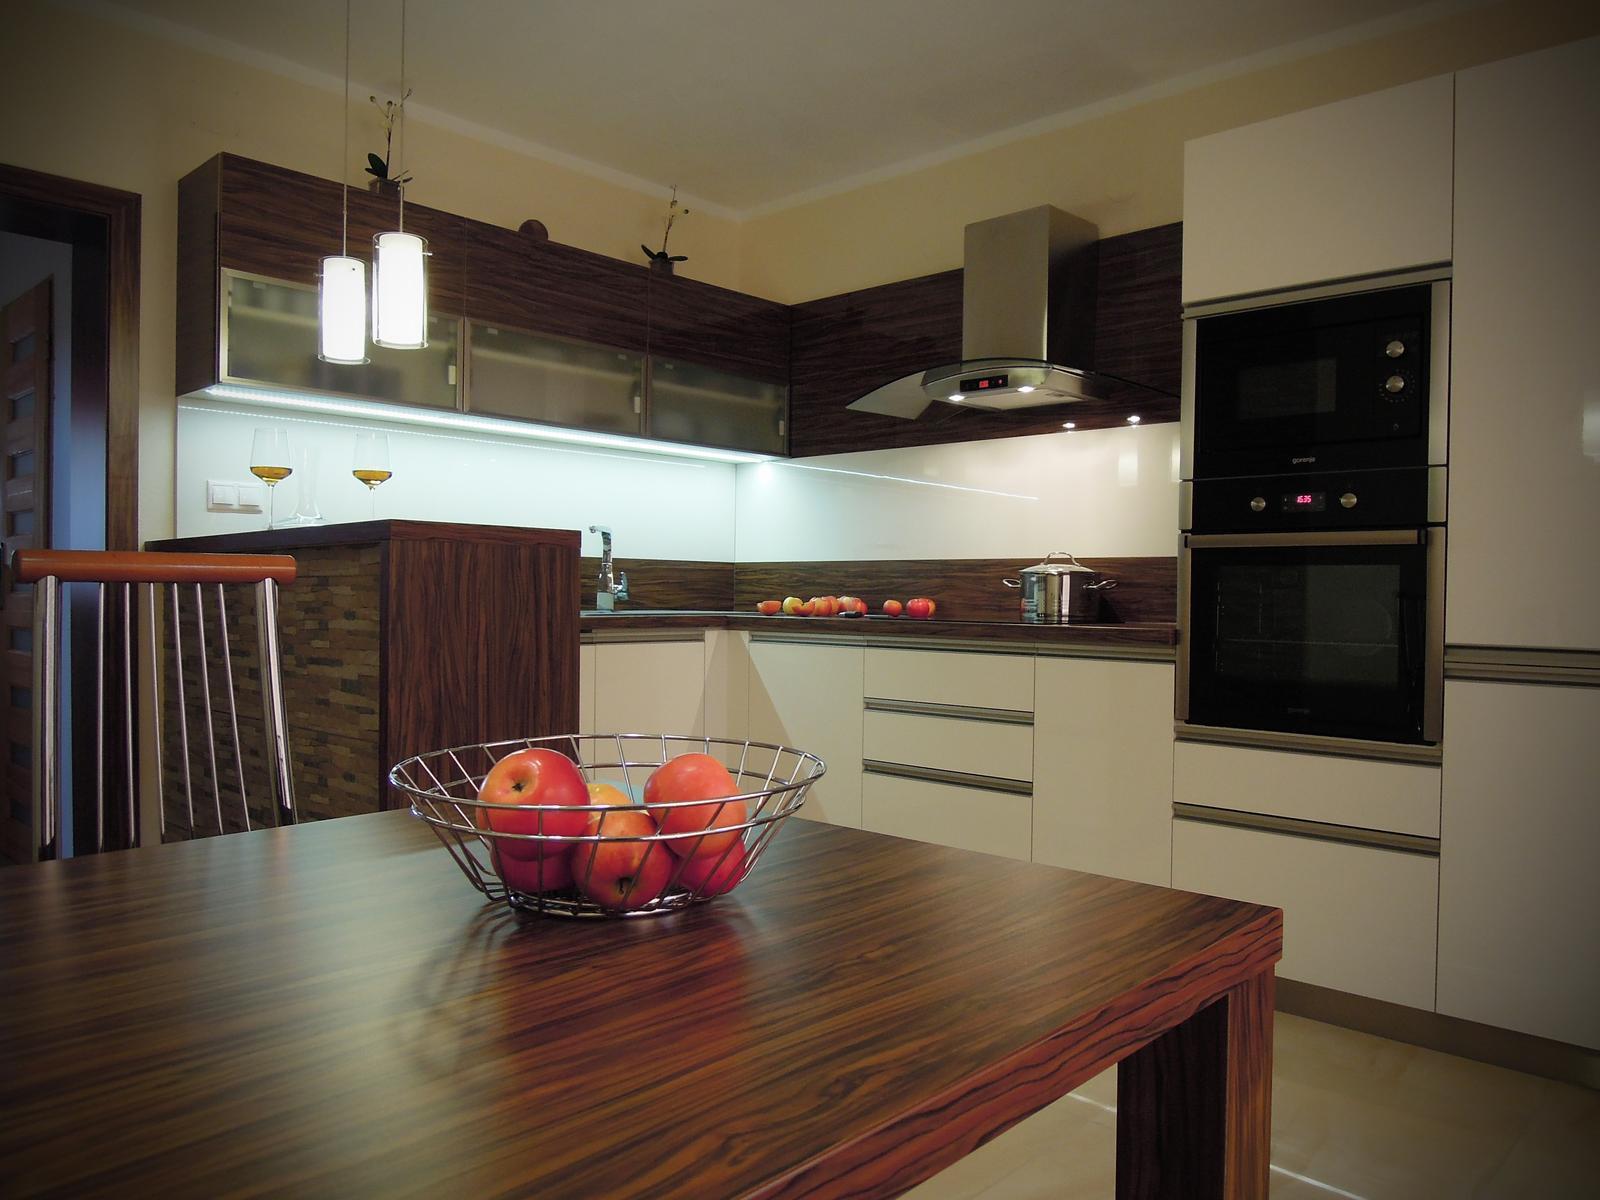 Návrh a realizácia kuchyne Veľké Vozokany - Realizácia - hotová kuchyňa